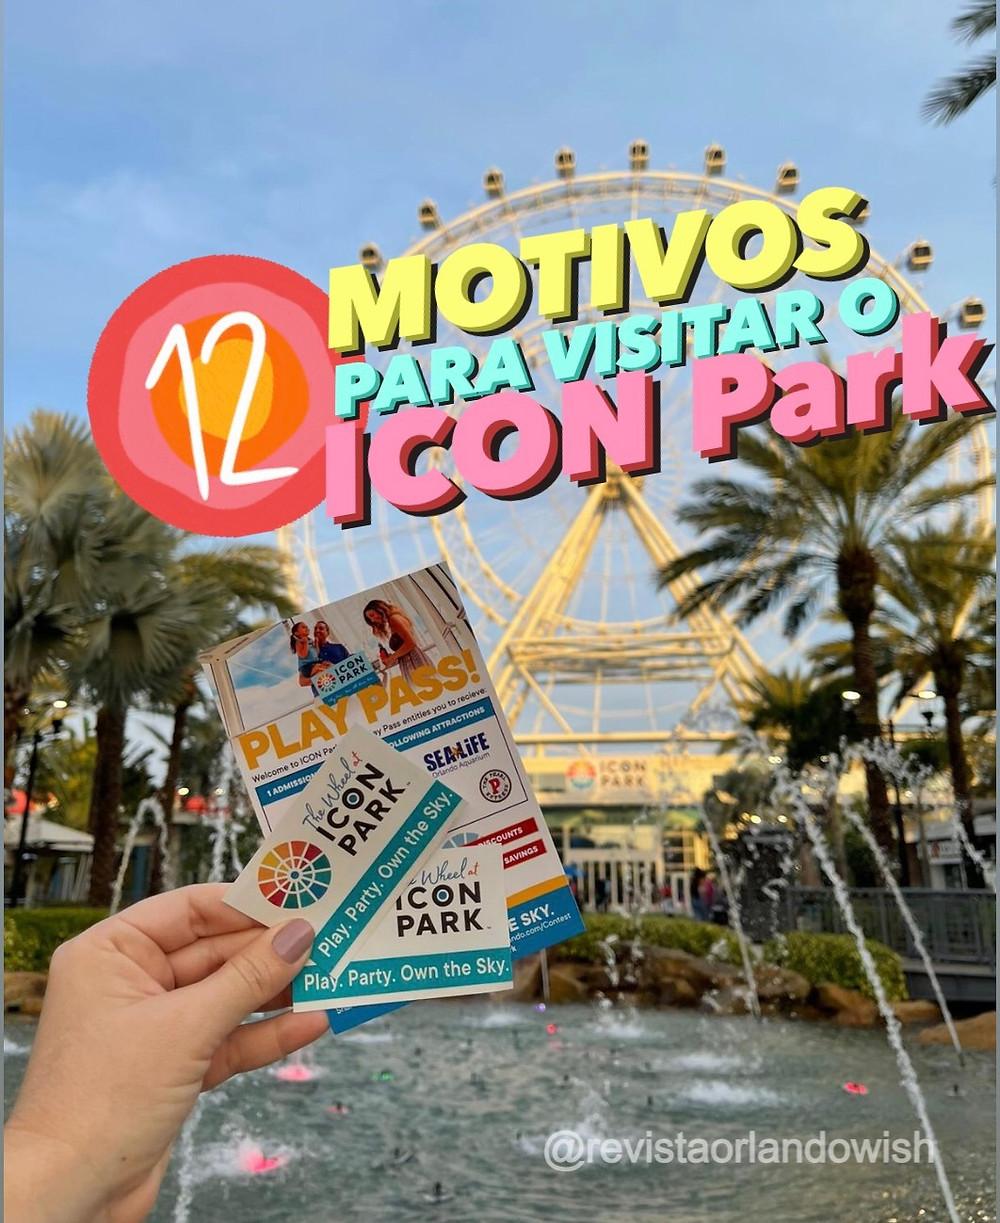 vale a pena visitar o ICON Park em Orlando?